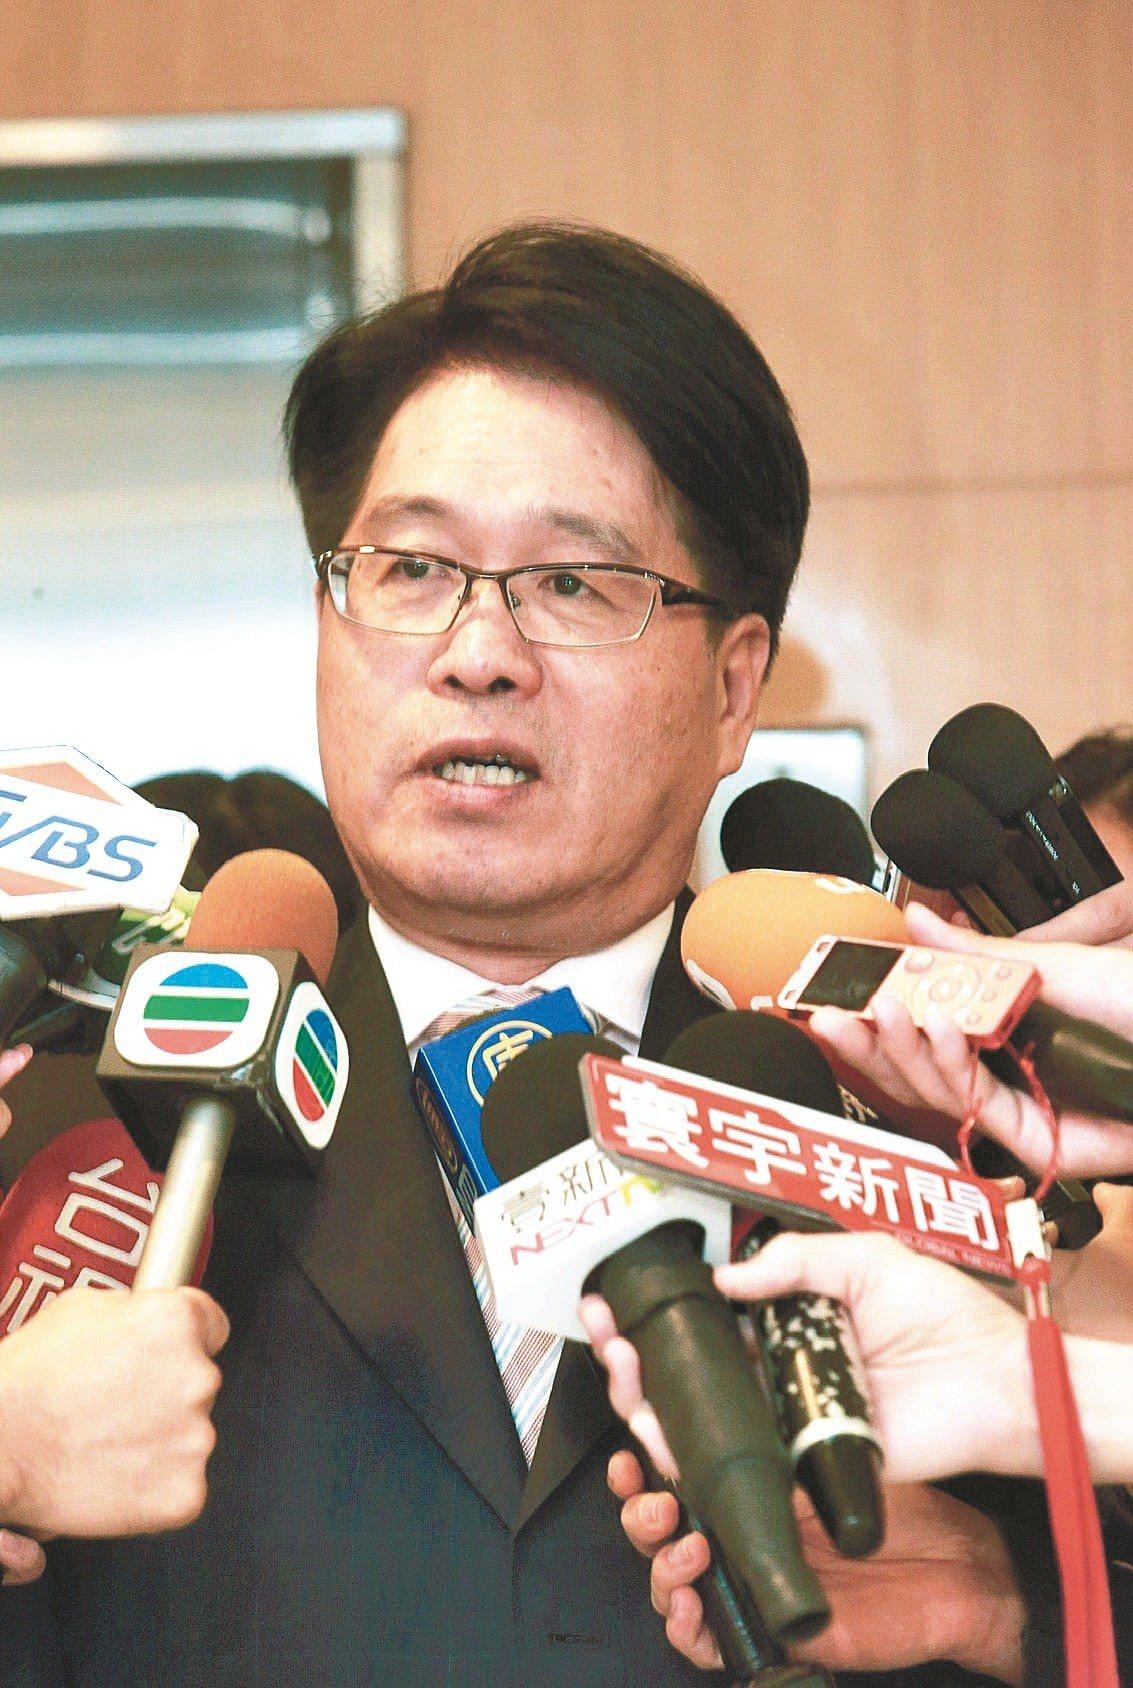 台灣民意基金會董事長游盈隆昨退出民進黨,上午表示特赦前總統陳水扁是一件重要的事,...